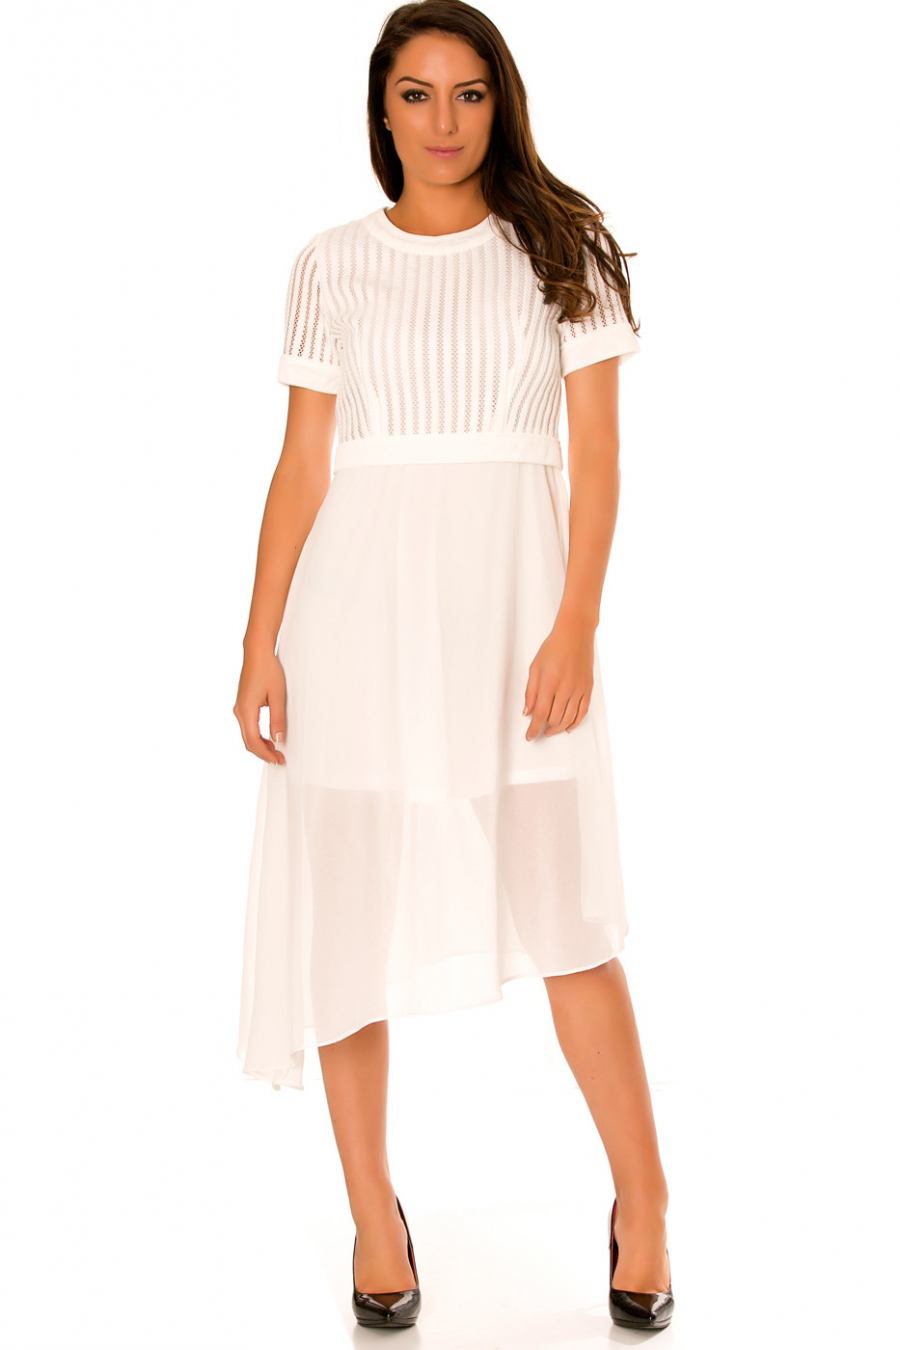 Robe blanche asymétrique et bi matière. Haut à trou et jupe en voilage. F6281